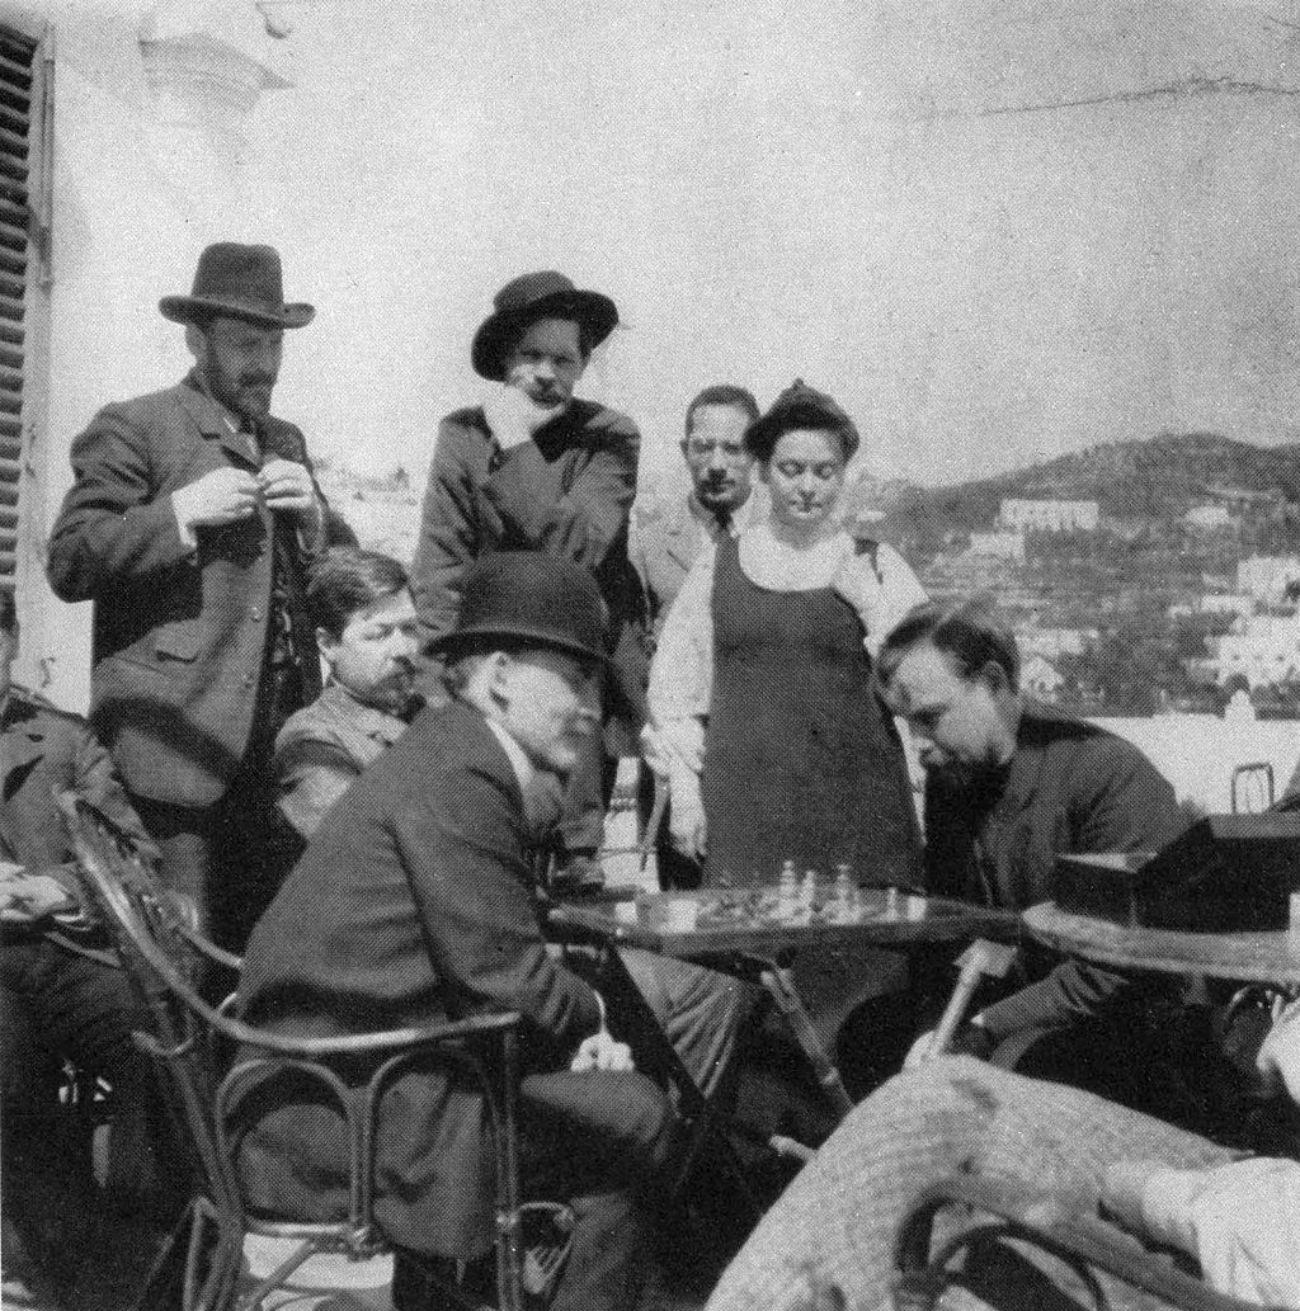 Владимир Ленин играет в шахматы с Александром Богдановым, 1908, Капри. Зиновий Пешков второй справа в верхнем ряду, рядом с ним - Максим Горький